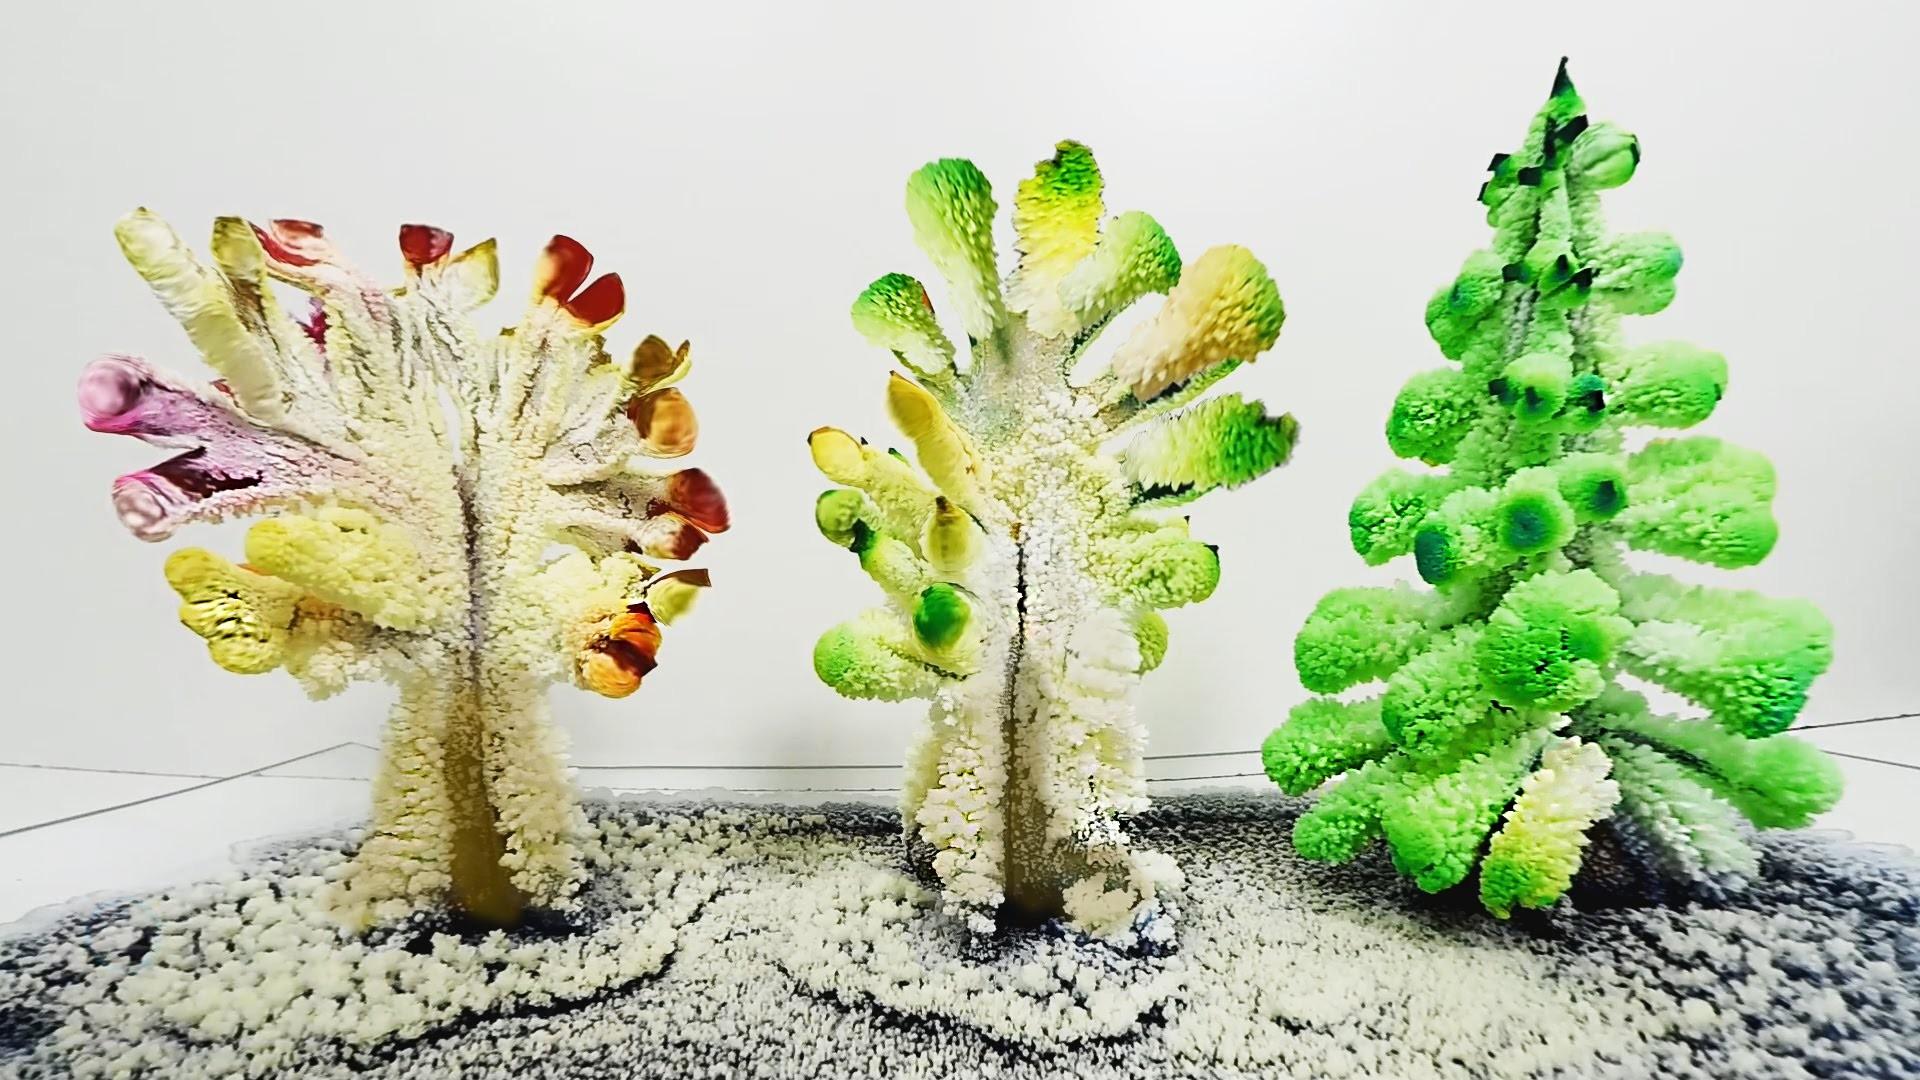 Arboles de Cristales Caseros (DIY Magic Crystal Garden)